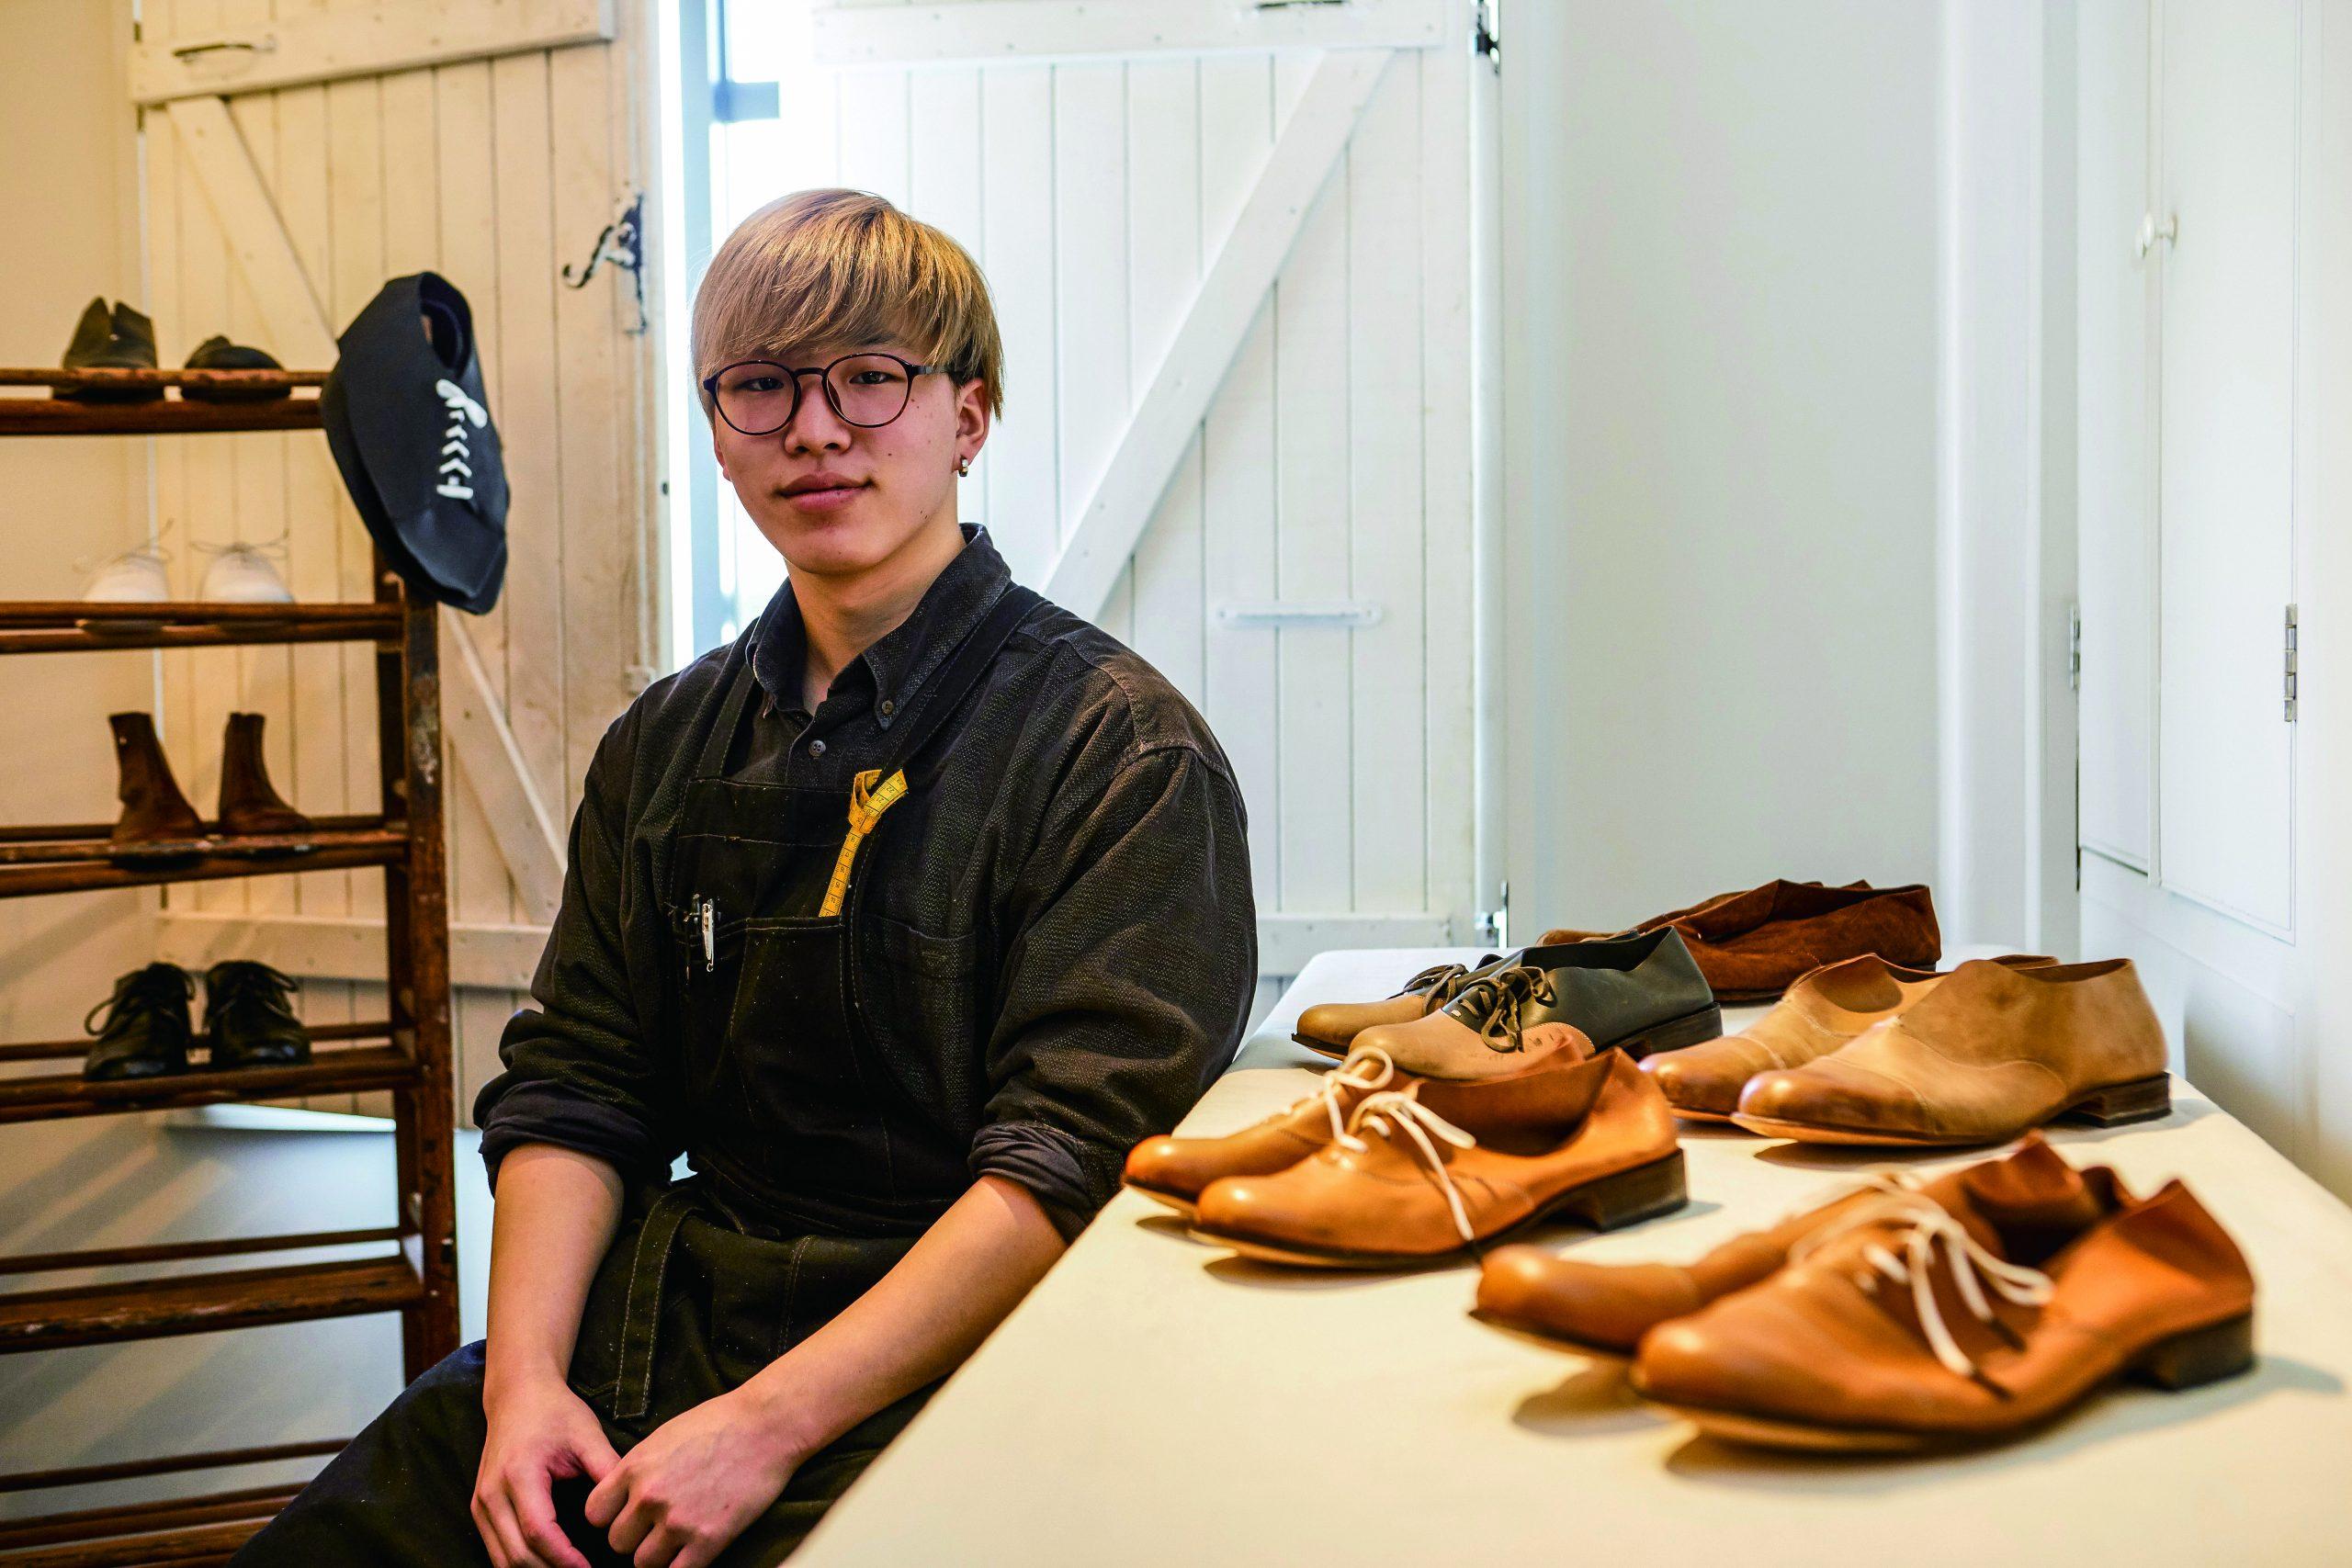 山形 燿太郎(2018年 ファッション企画コース卒業)